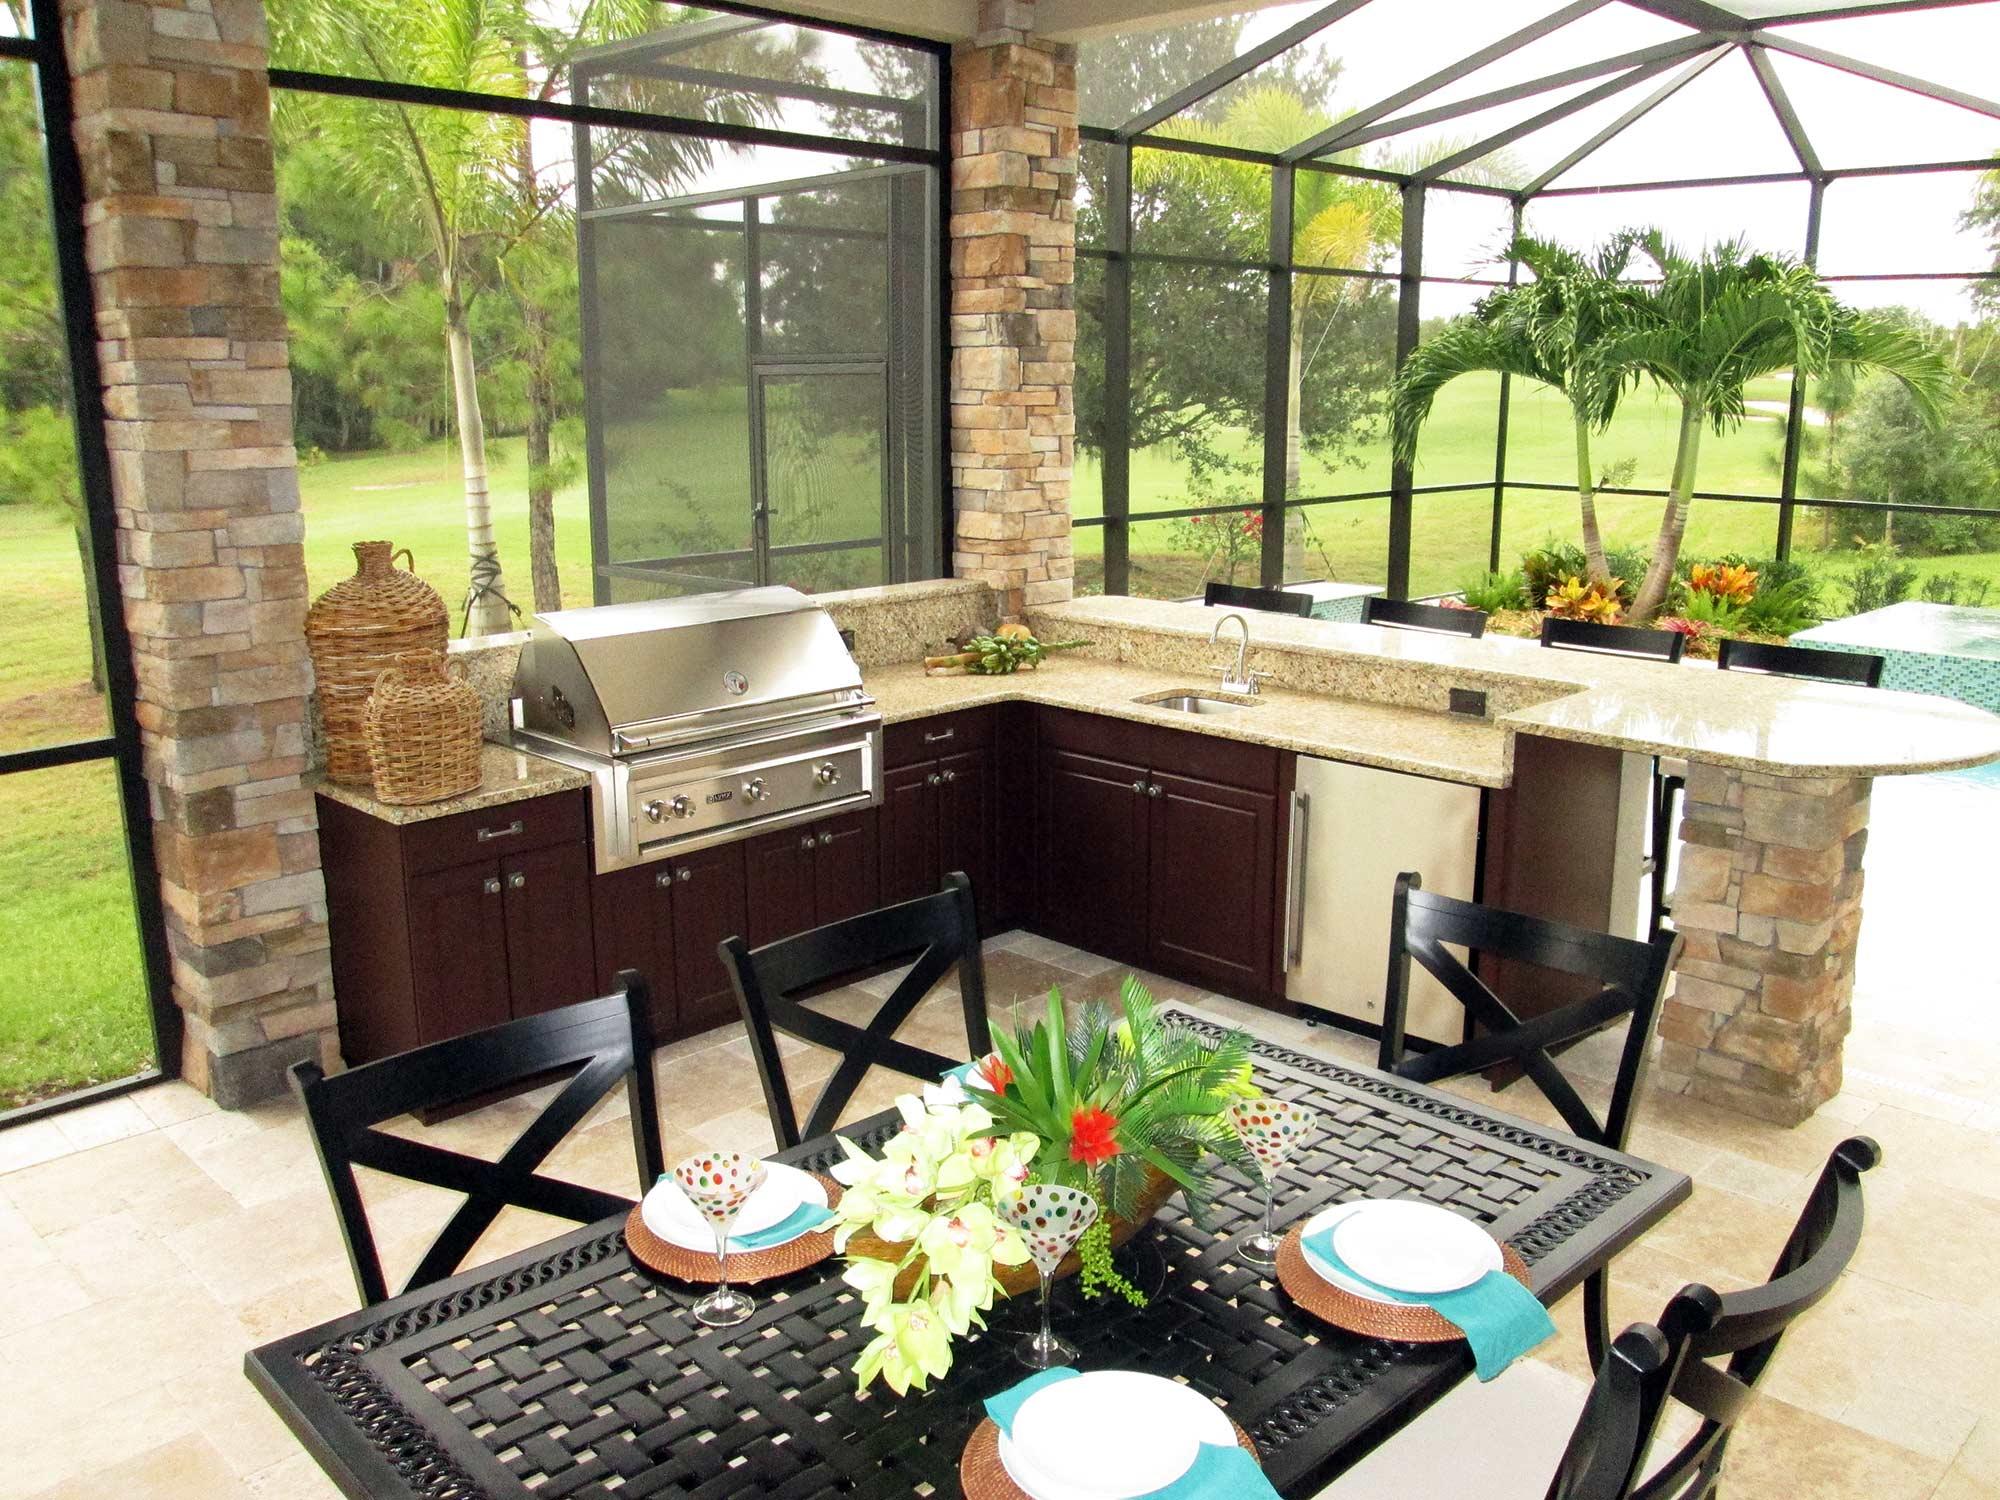 outdoorkitchencabinetsandmore outdoor kitchen cabinets Outdoor Kitchen Cabinets and More